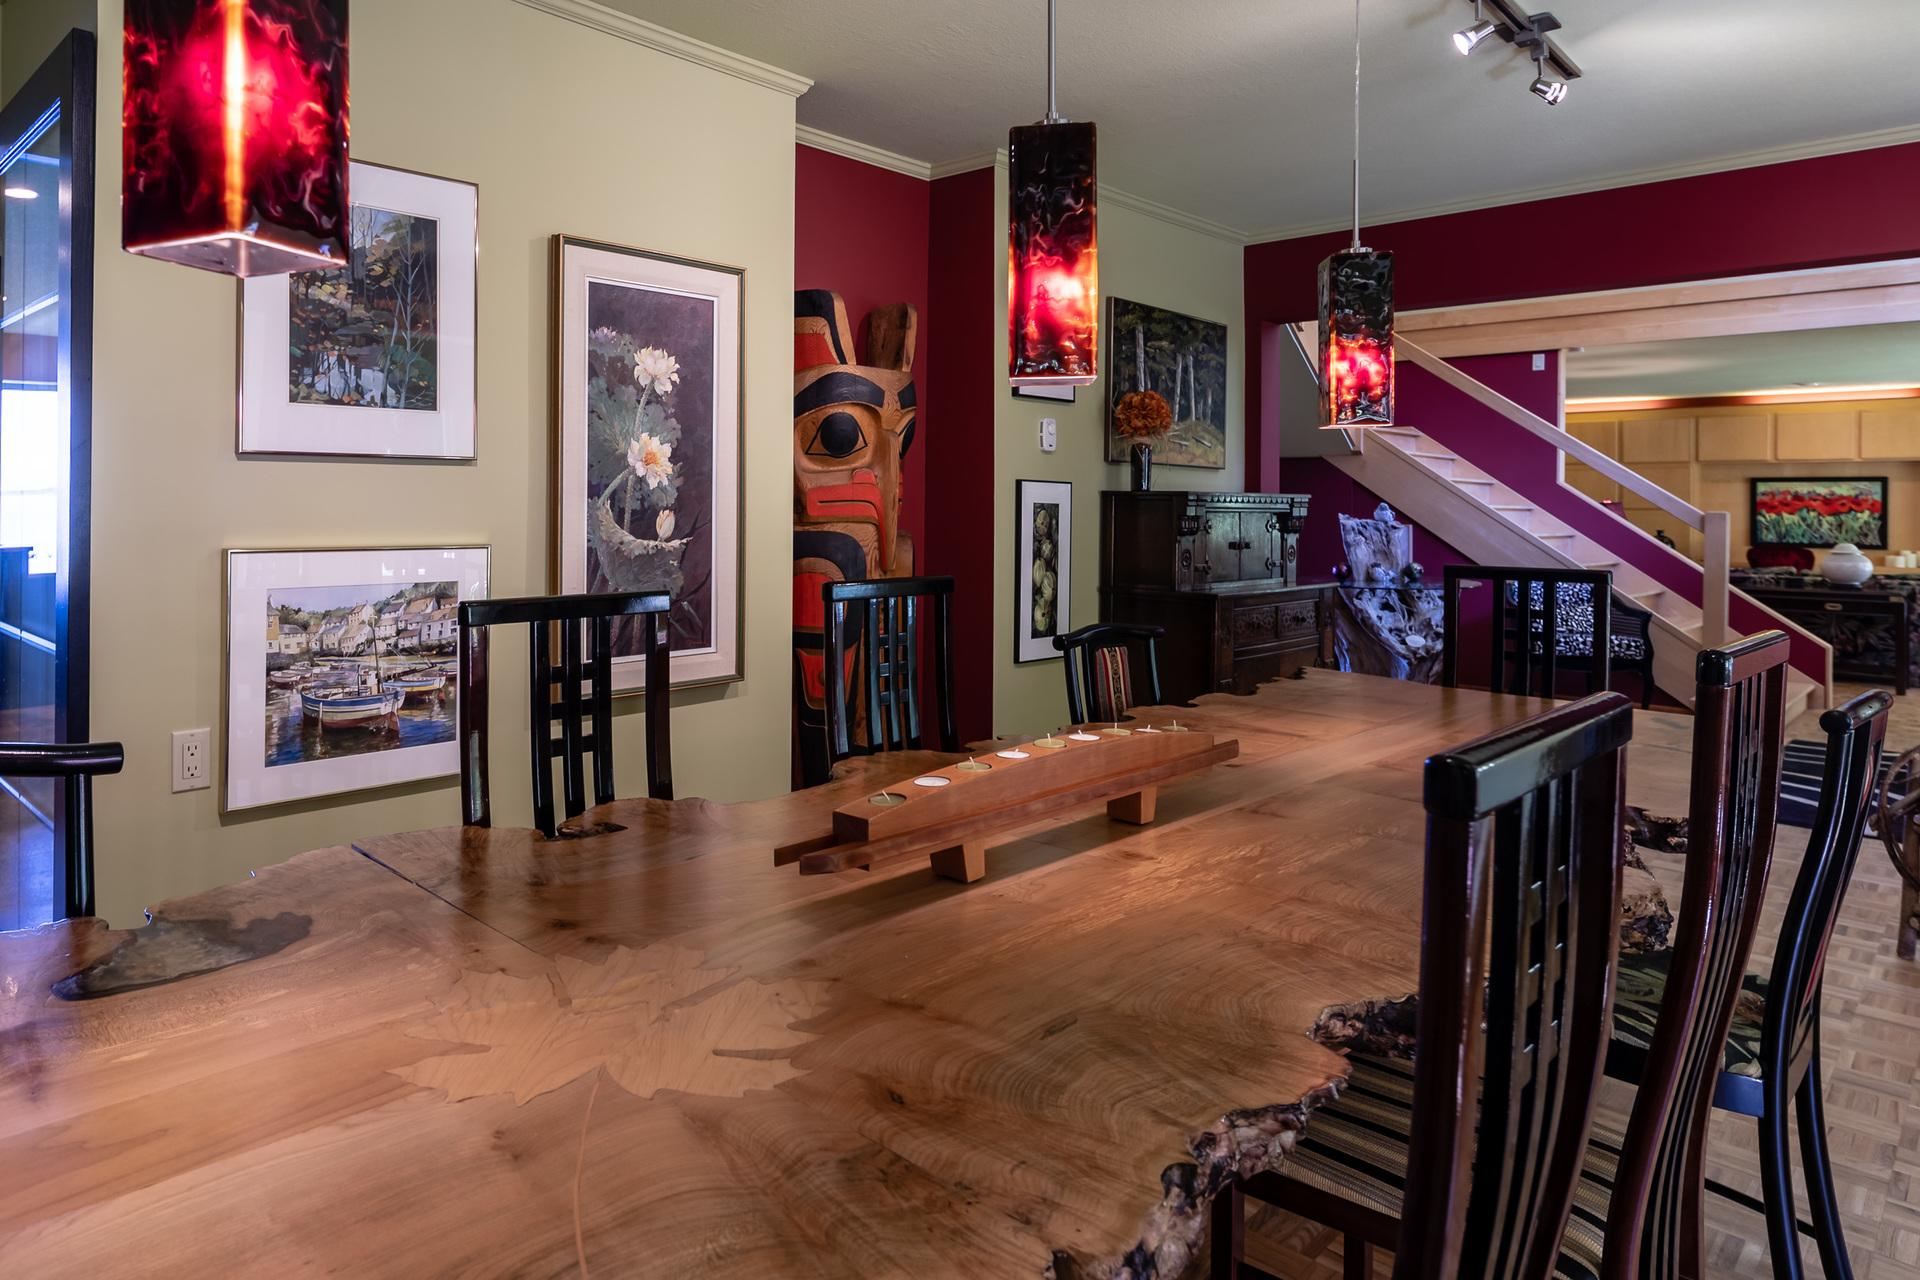 Main Ground Floor Dining Room at 5101 Island Highway West, Qualicum Beach, Zone 05 - Parksville/Qualicum